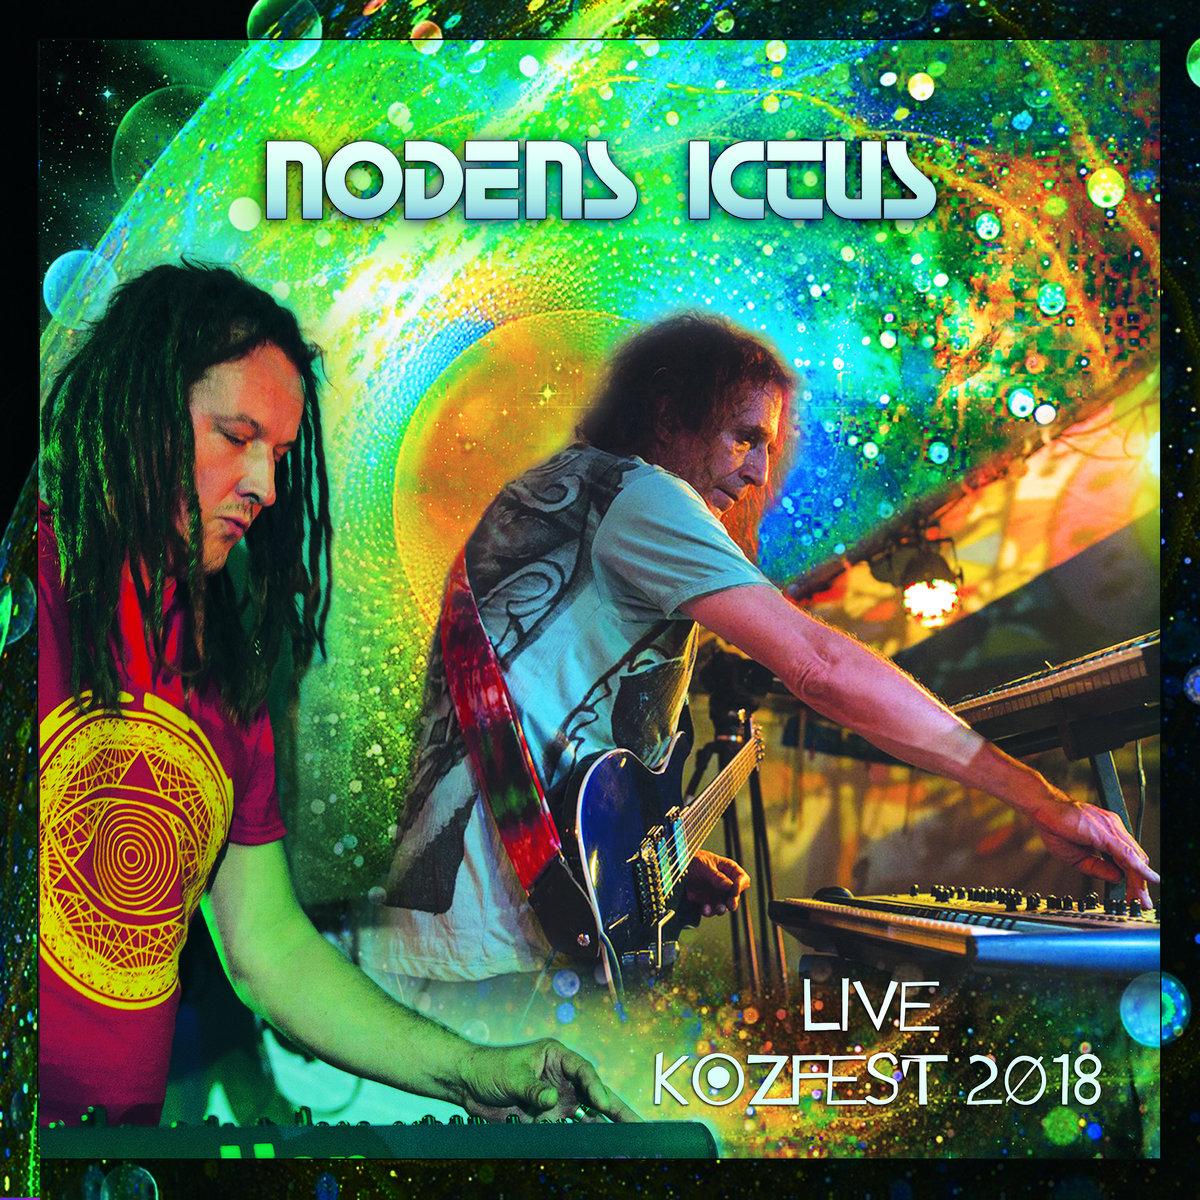 Live Kozfest 2018 Cover art